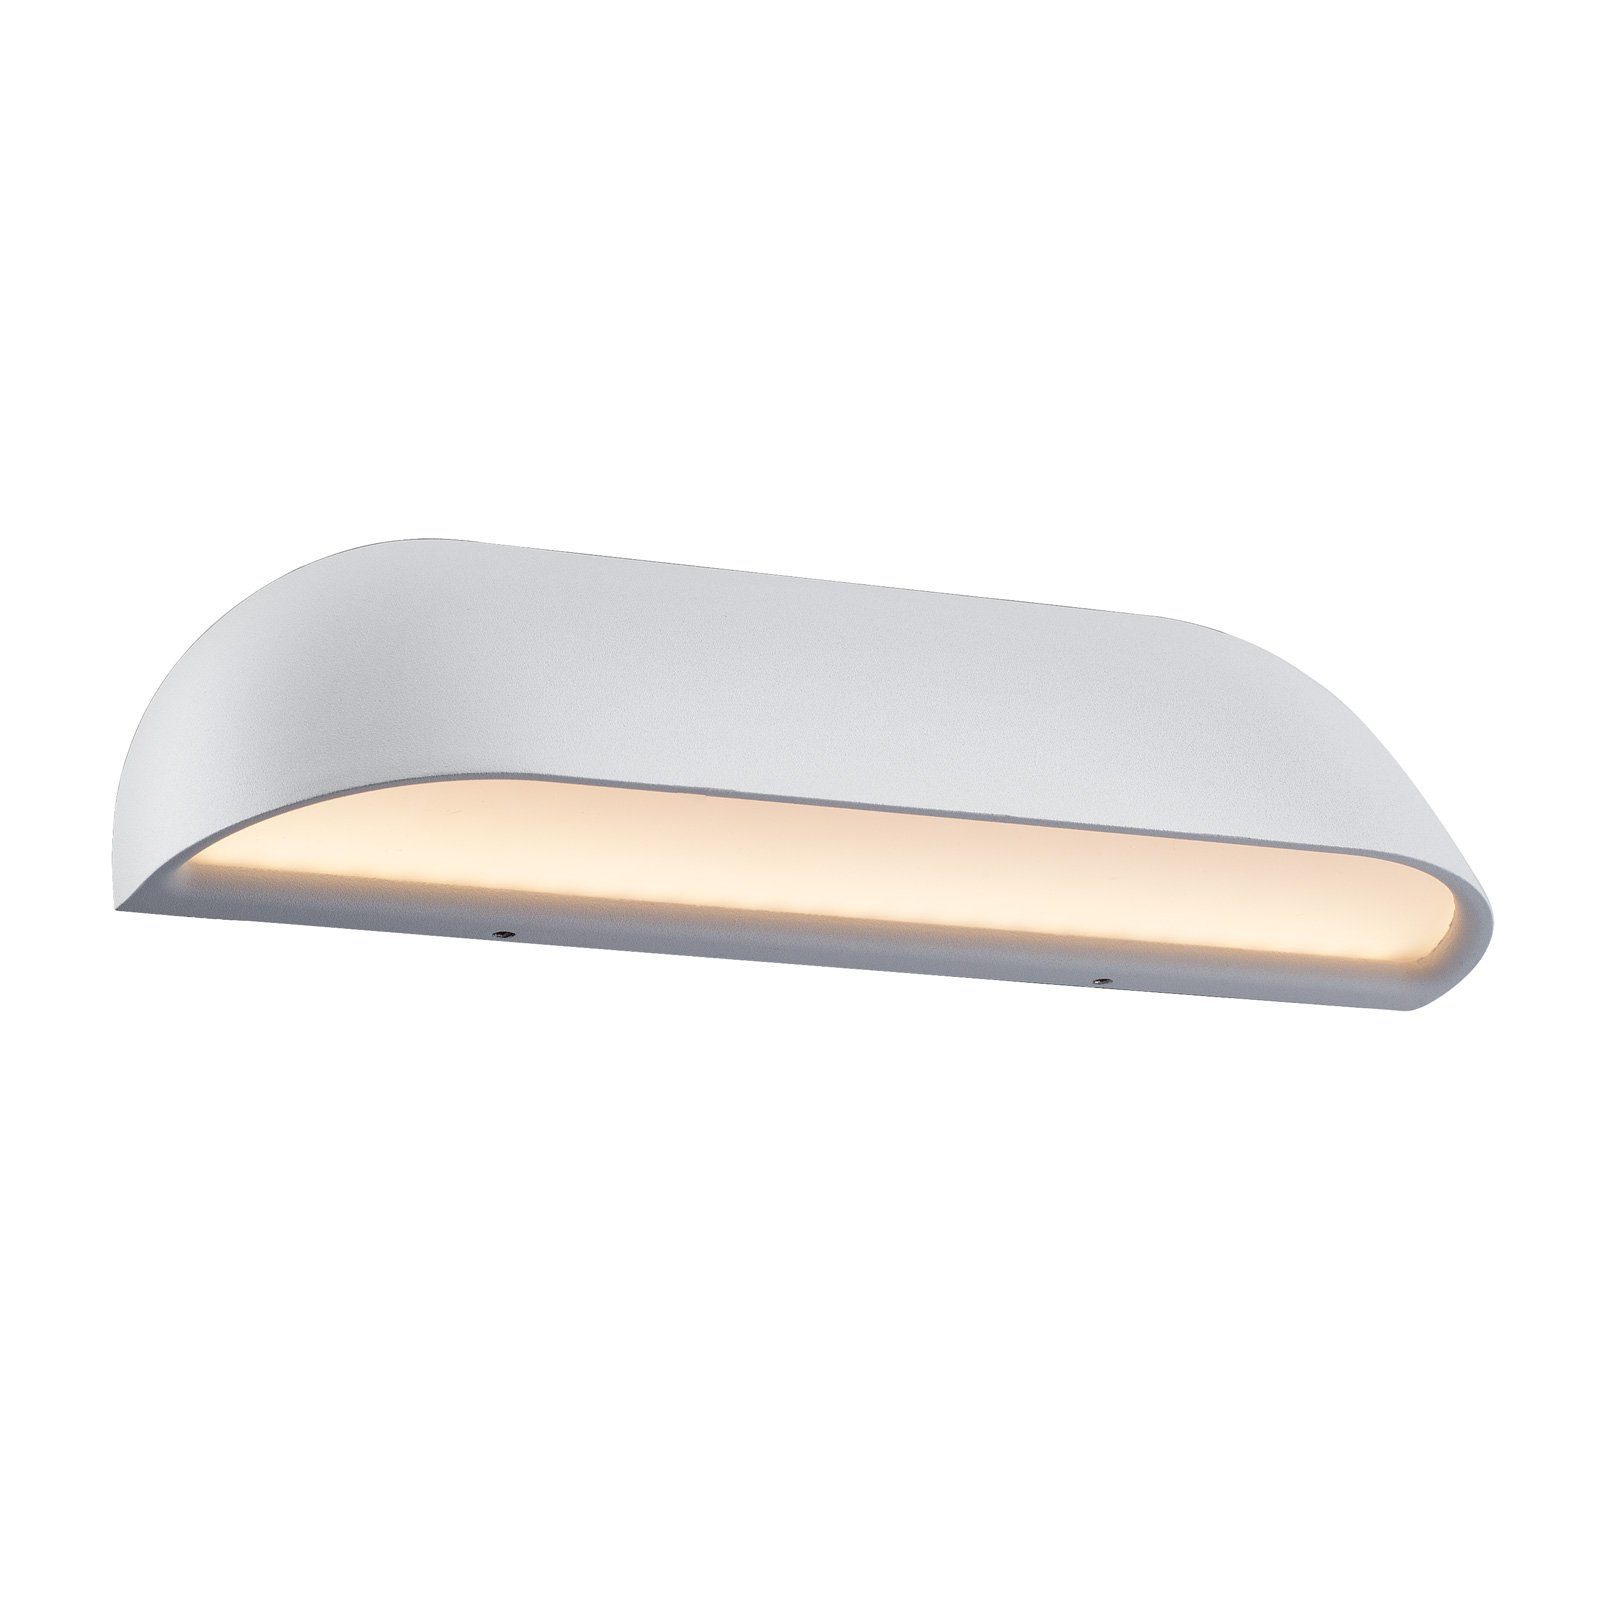 Utendørs LED-vegglampe Front 26, hvit